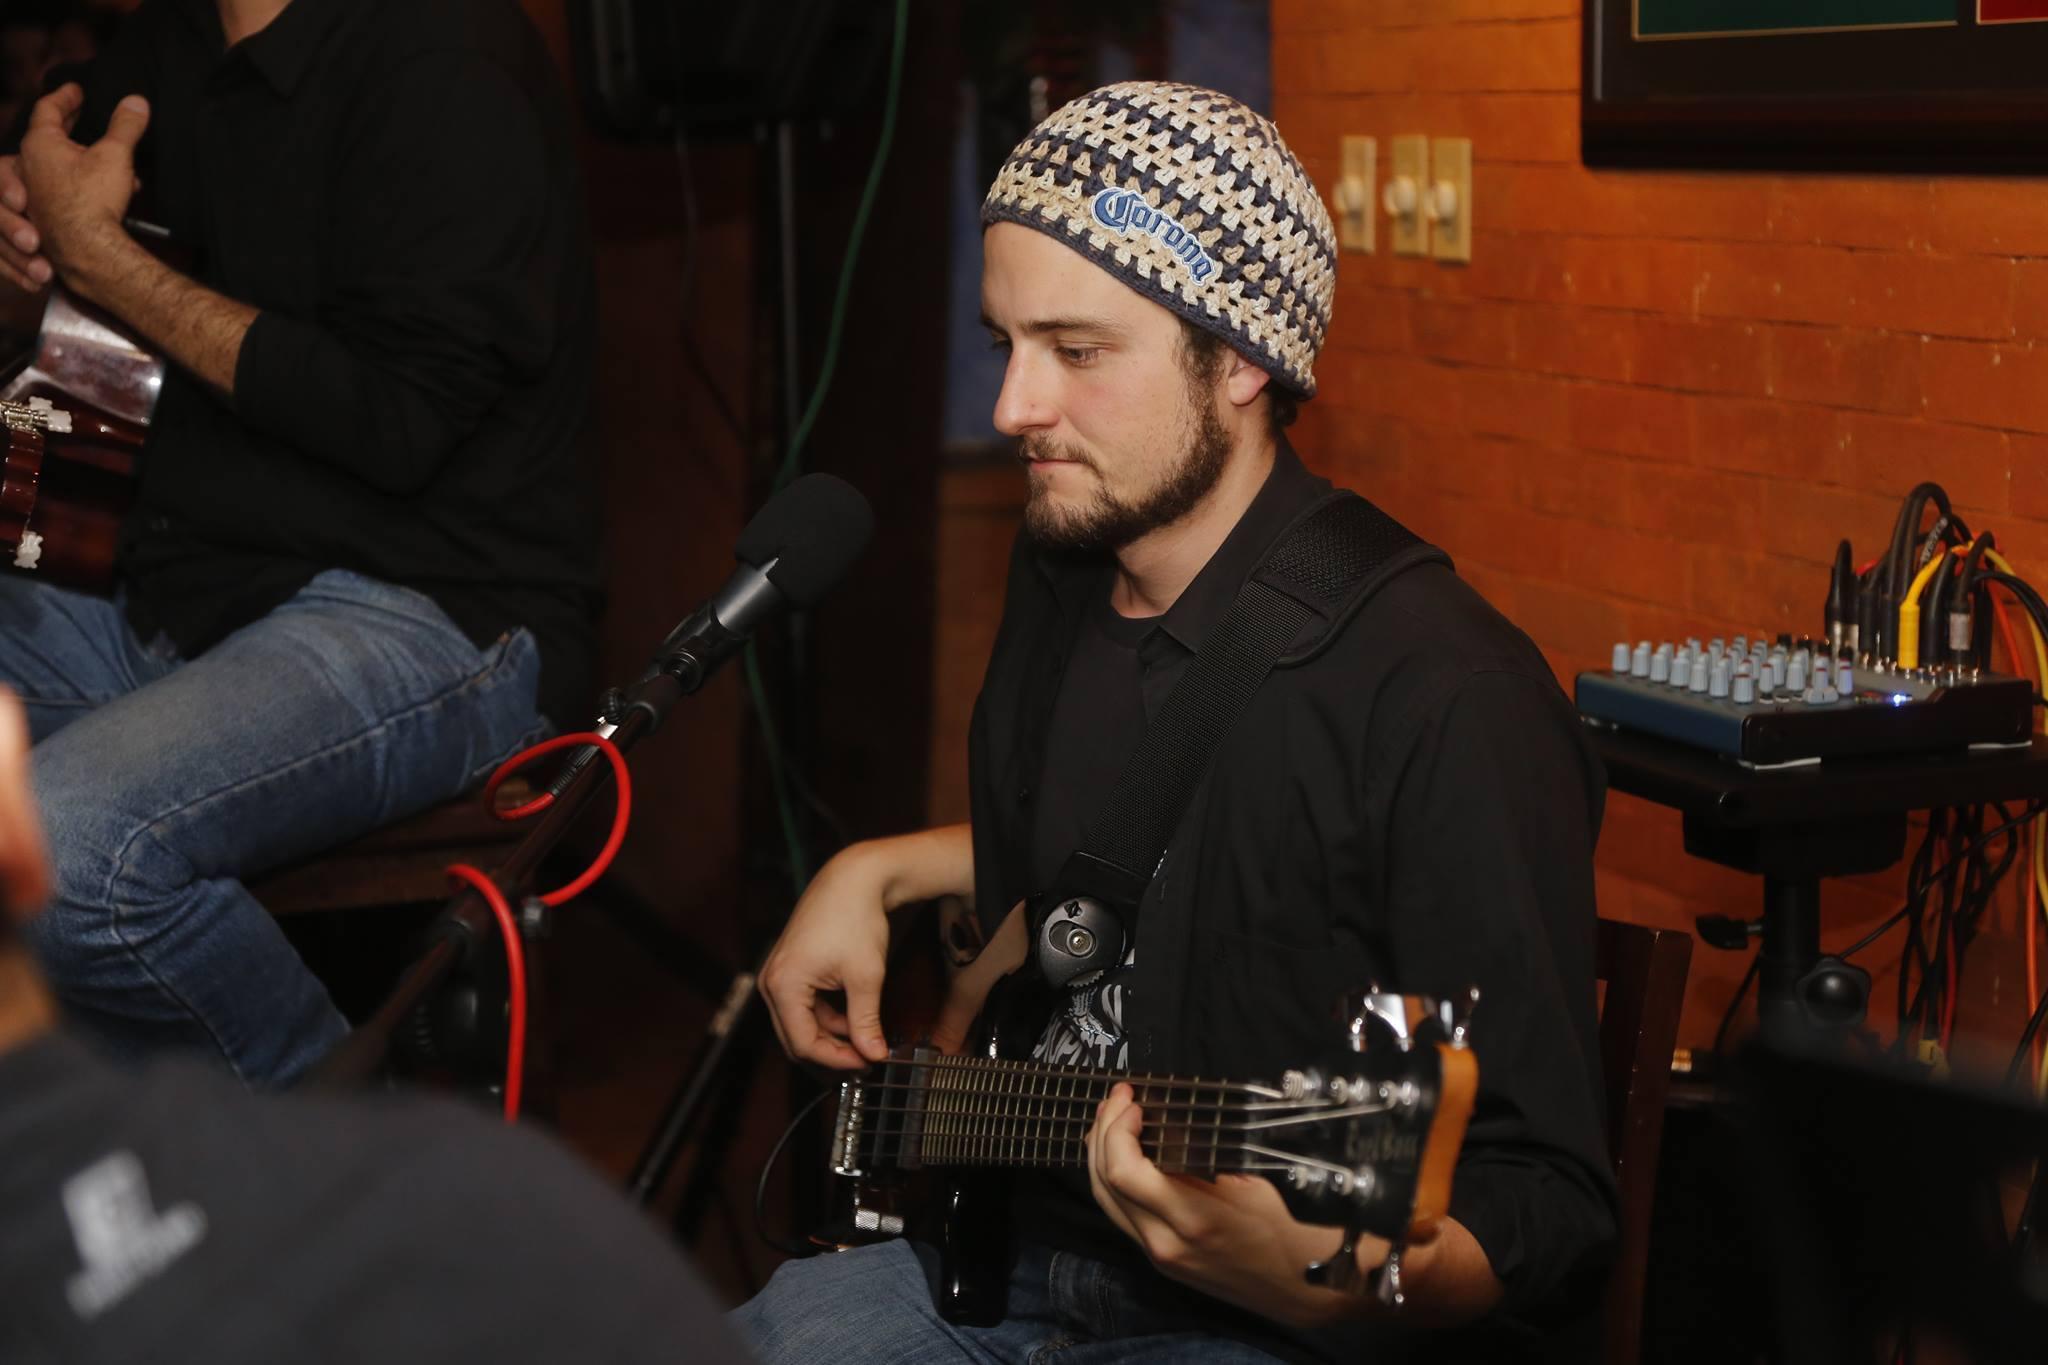 Músico guatemalteco votará como jurado en los Grammys 2020